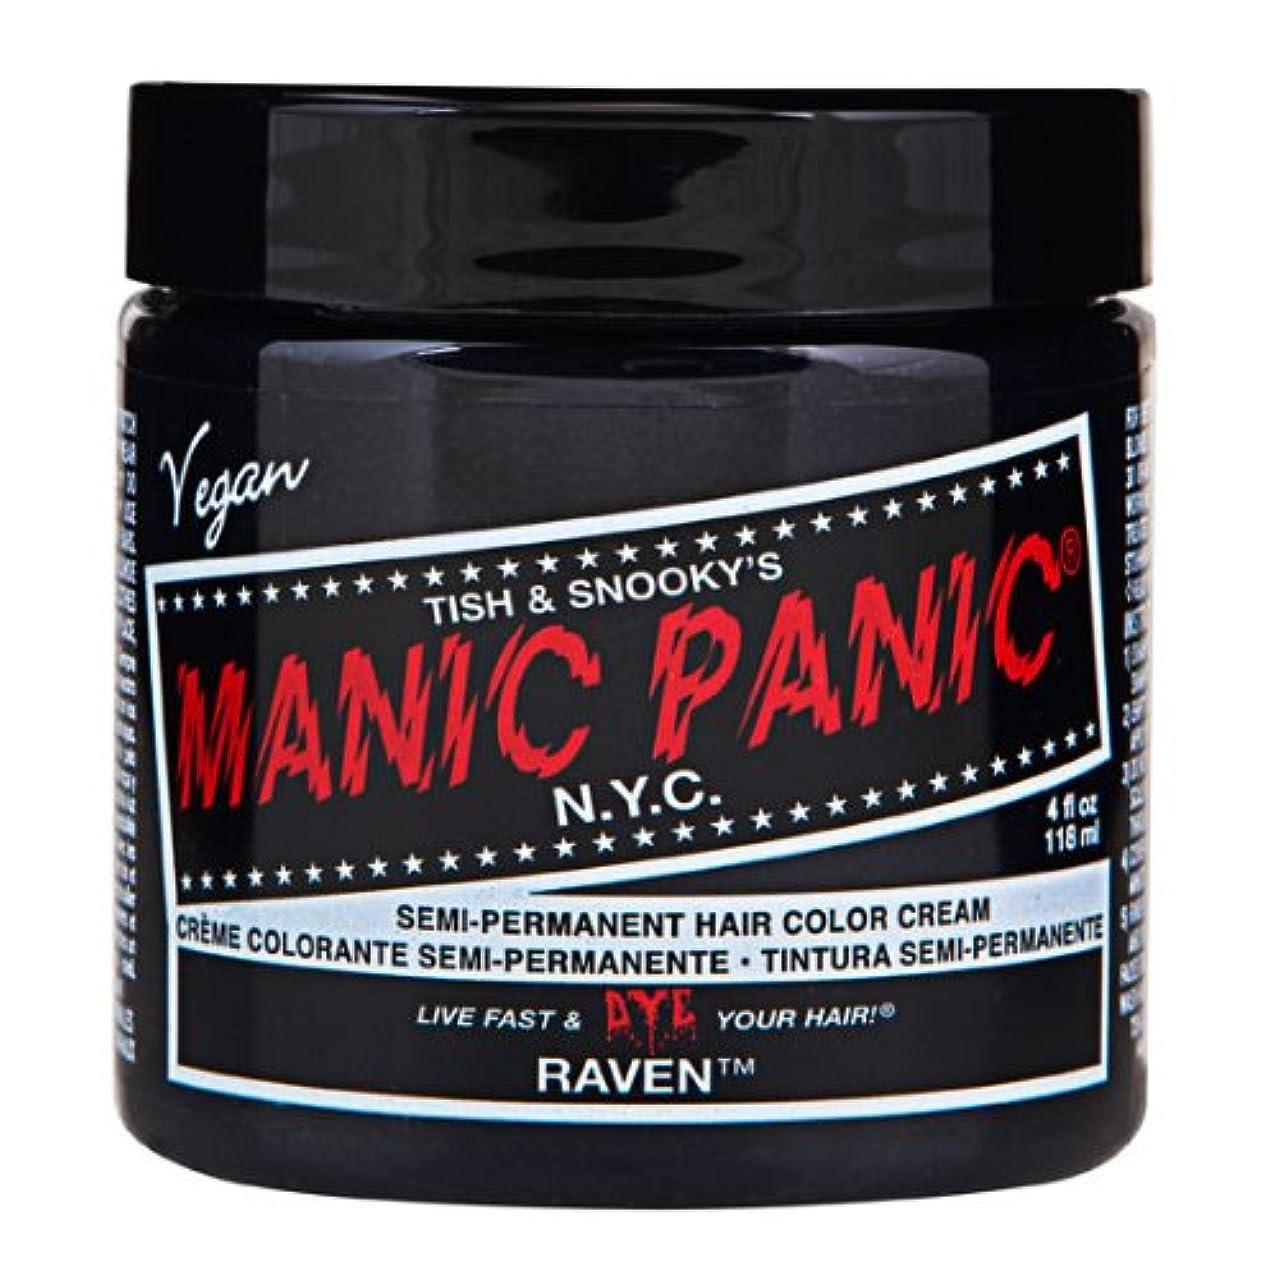 香水さわやか柱マニックパニック MANIC PANIC ヘアカラー 118mlレイヴァン ヘアーカラー